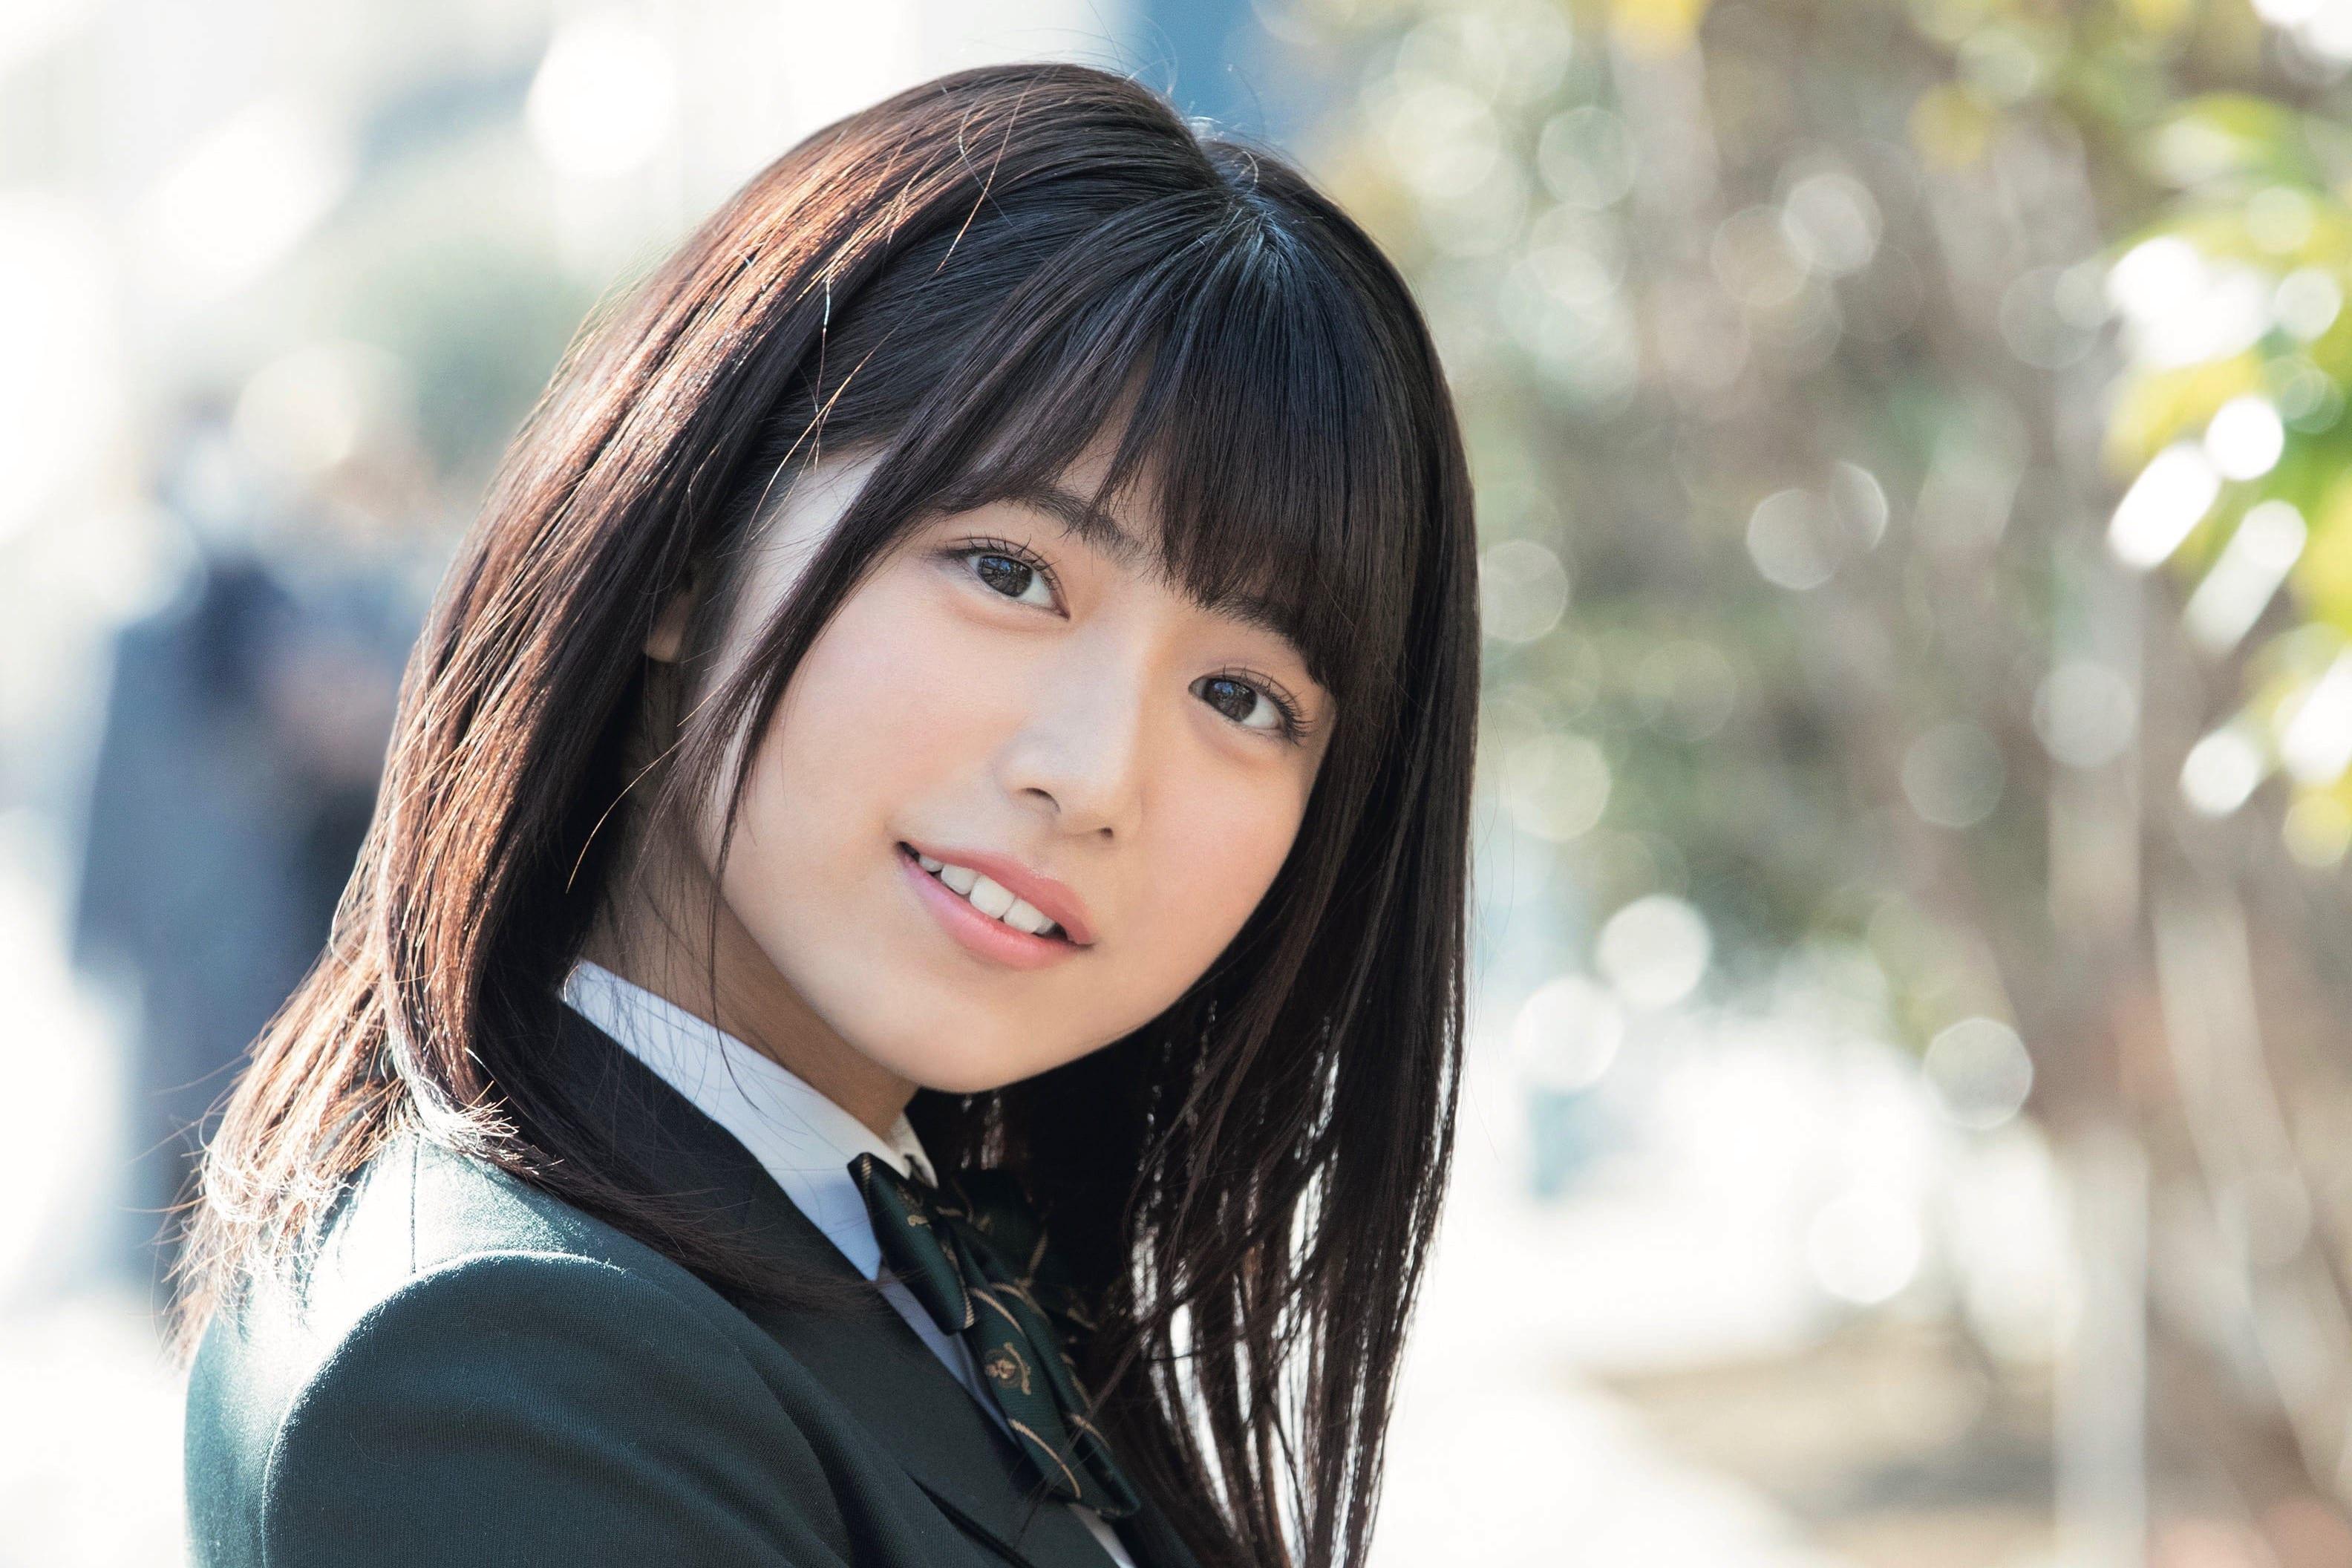 吉田莉桜 高1ミスコングランプリの現役女子高生・吉田莉桜 『少年サンデー』で貴重な水着ショット – ニュースサイトしらべぇ